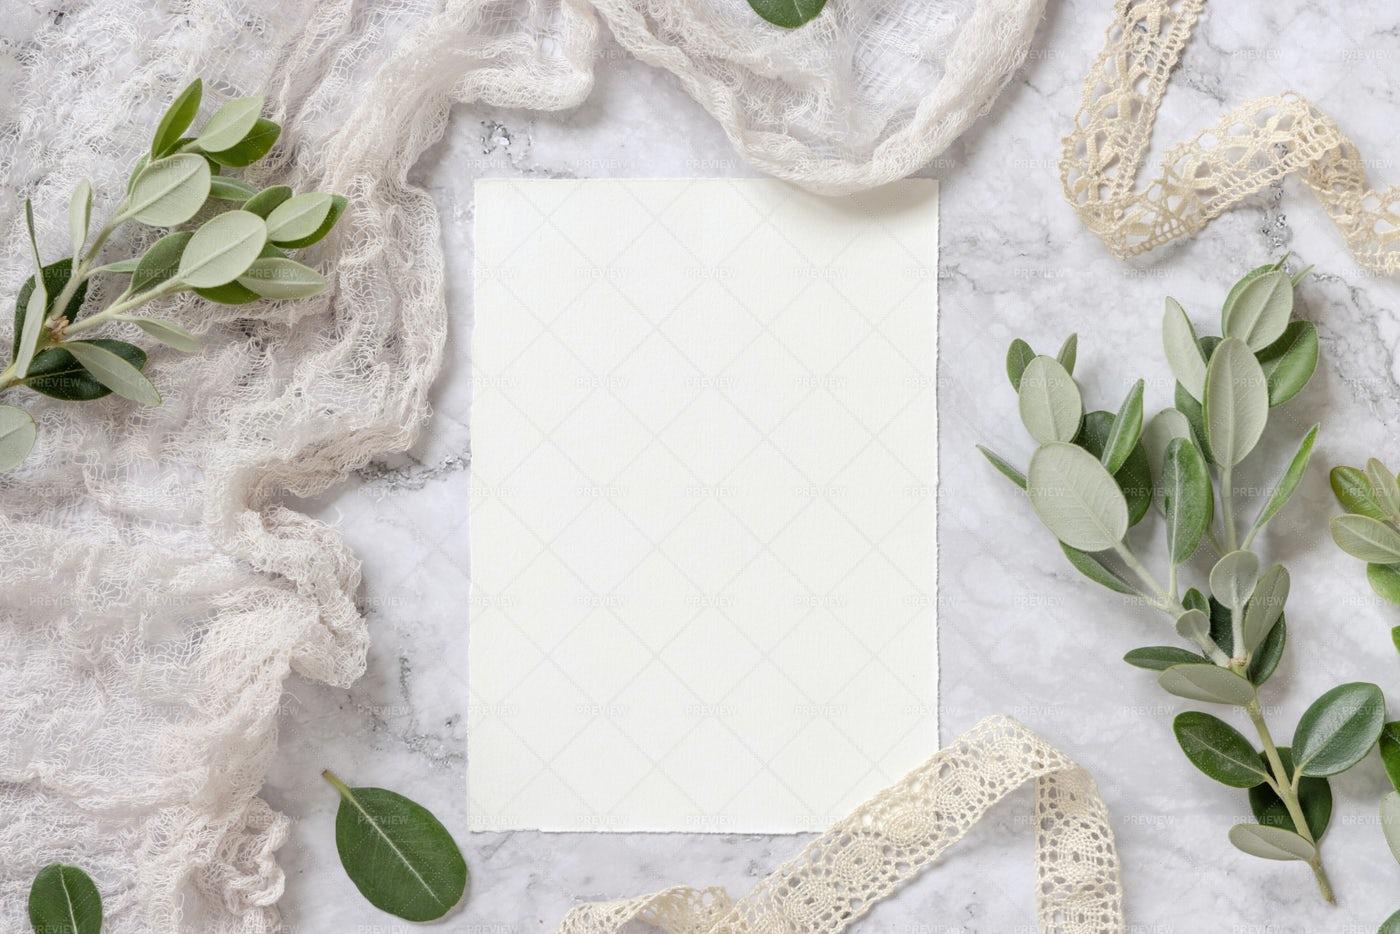 Blank Card And Eucalyptus Branches: Stock Photos